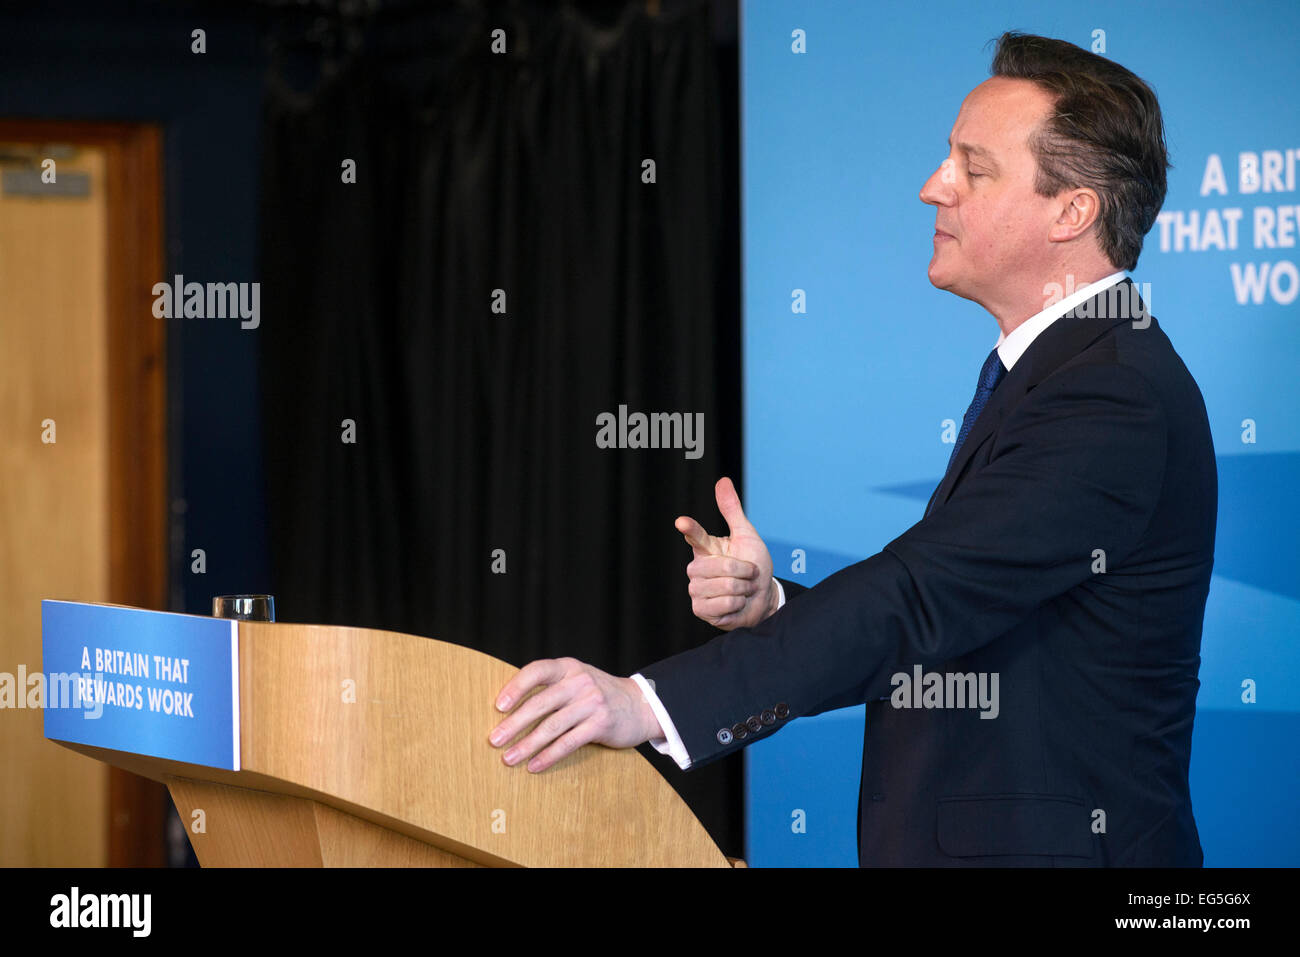 Hove, UK. 17. Februar 2015. Premierminister David Cameron hält eine Rede auf 17.02.2015 bei Blatchington Mill School, Hove. Die PM gesprochen, Wohlfahrtsstaat und Menschen wieder Arbeit Kredit: Julie Edwards/Alamy Live News Stockfoto